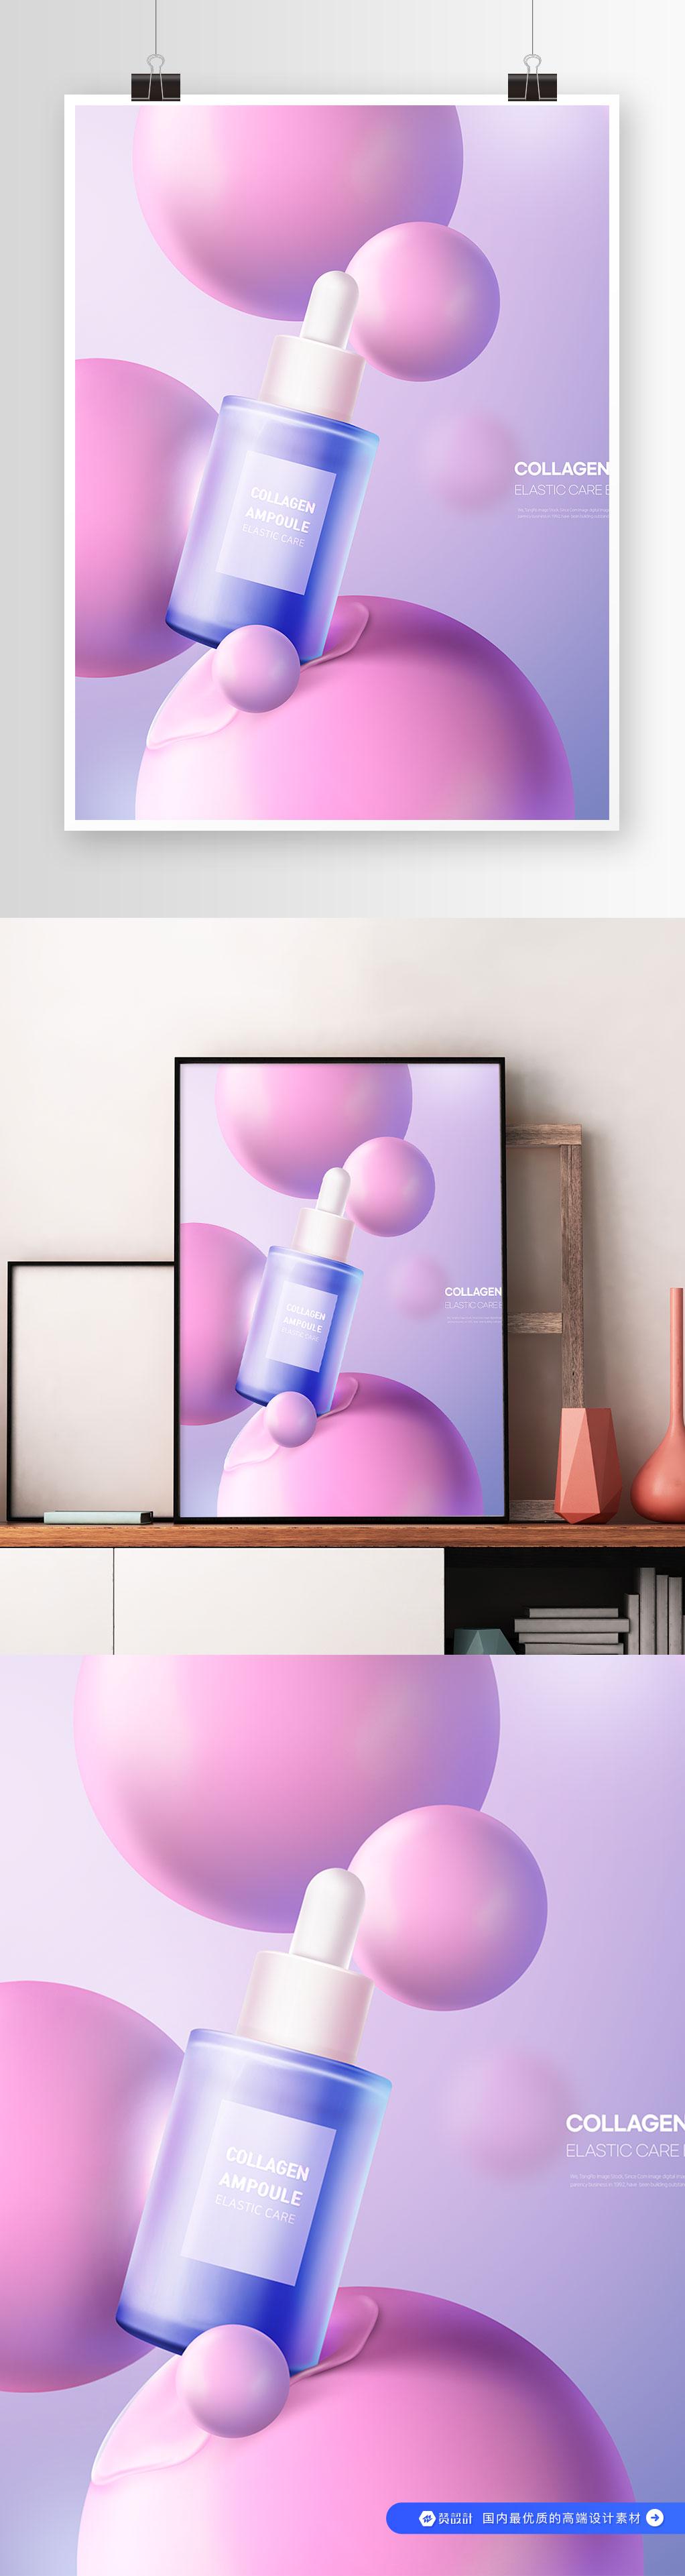 精华液美容海报设计